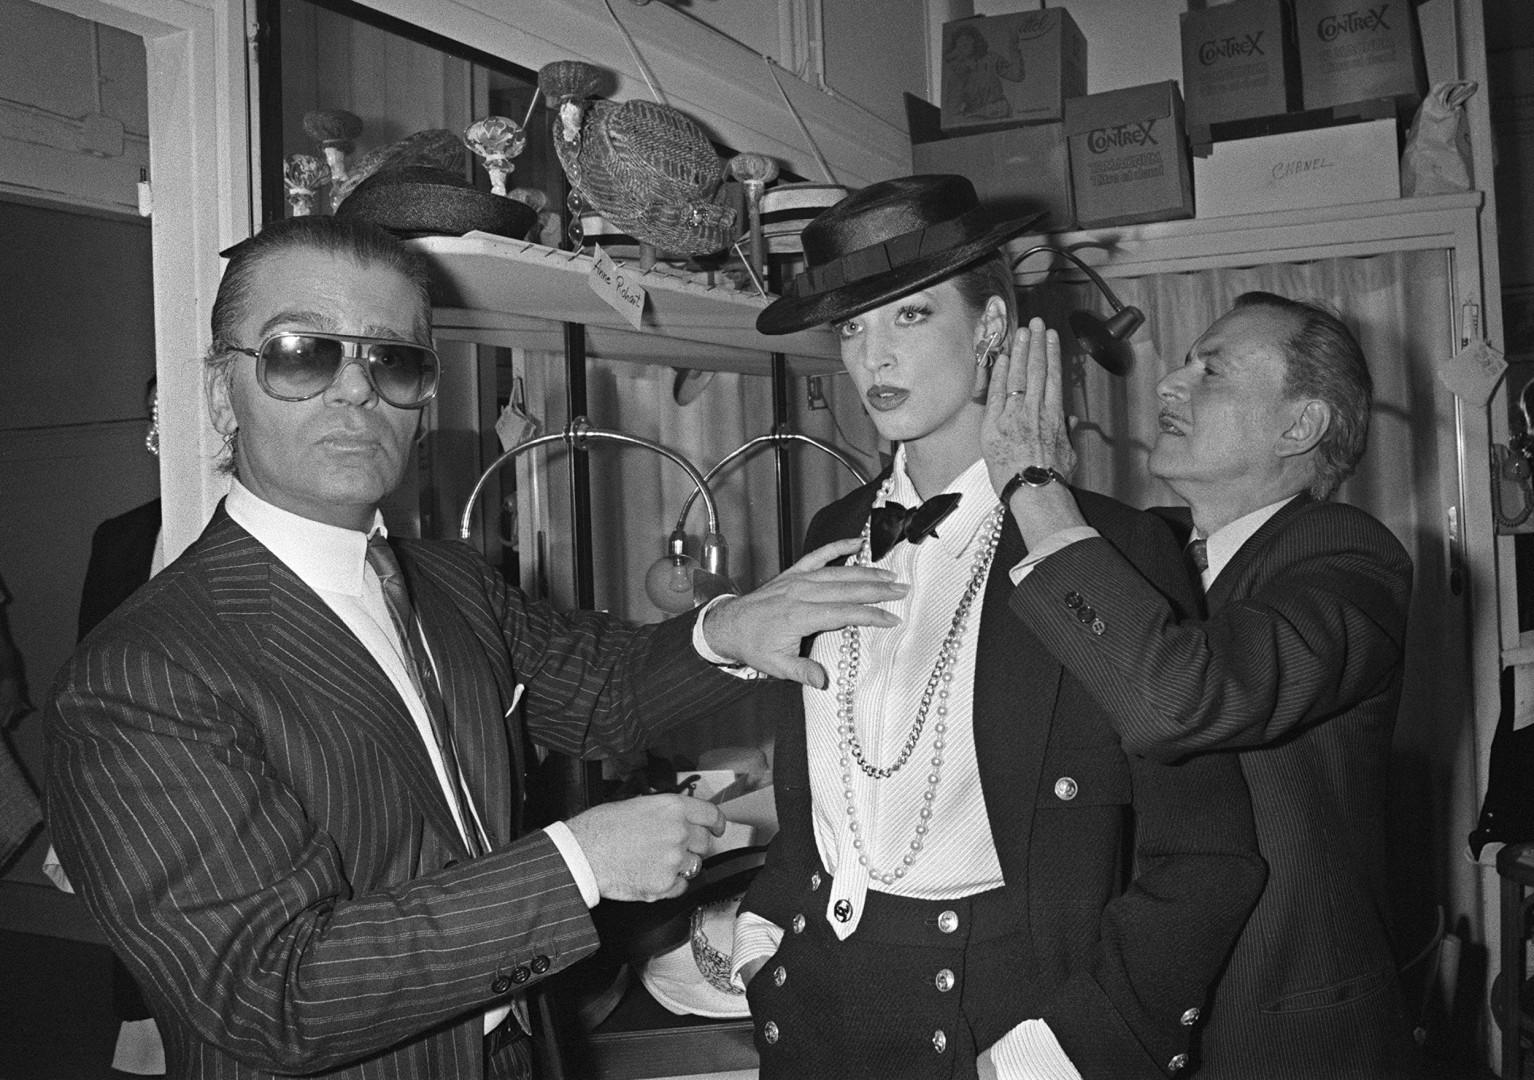 Karl Lagerfeld et Salvador Dali en 1984, lors présentation de la collection printemps-été de Chanel dessinée par Karl Lagerfeld